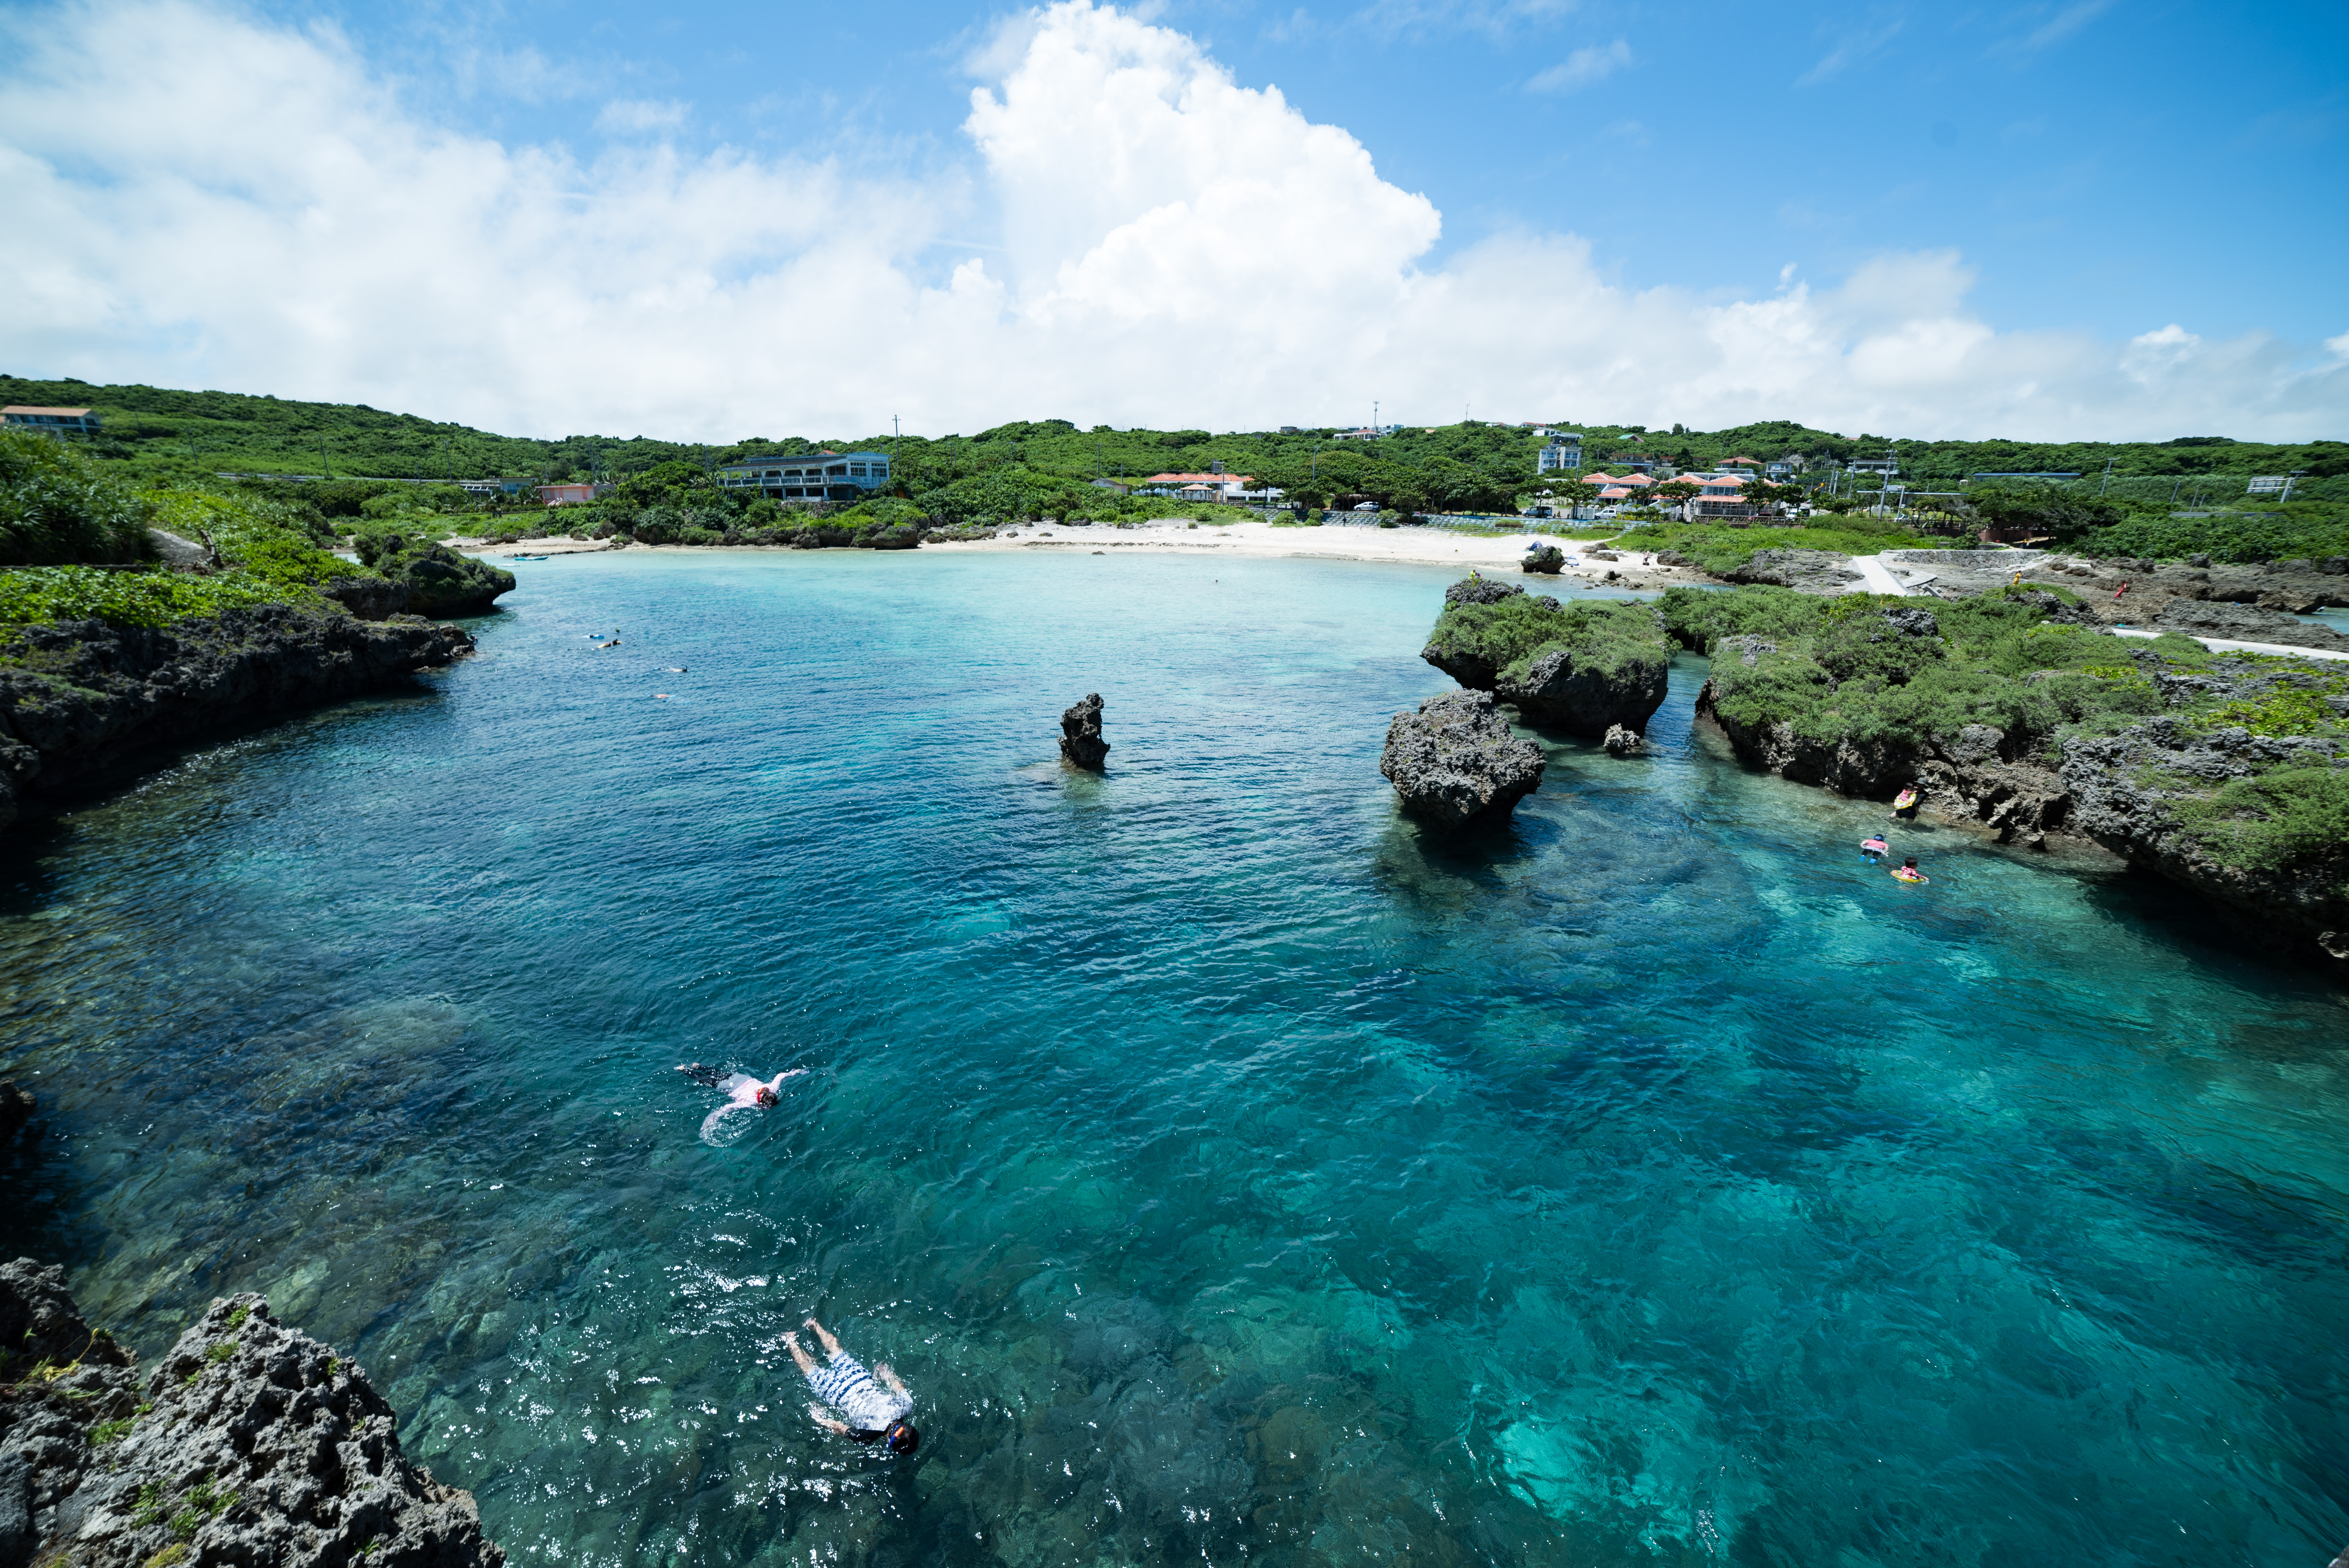 意外!日本で一番長い海岸線を持つ都道府県とは一体?